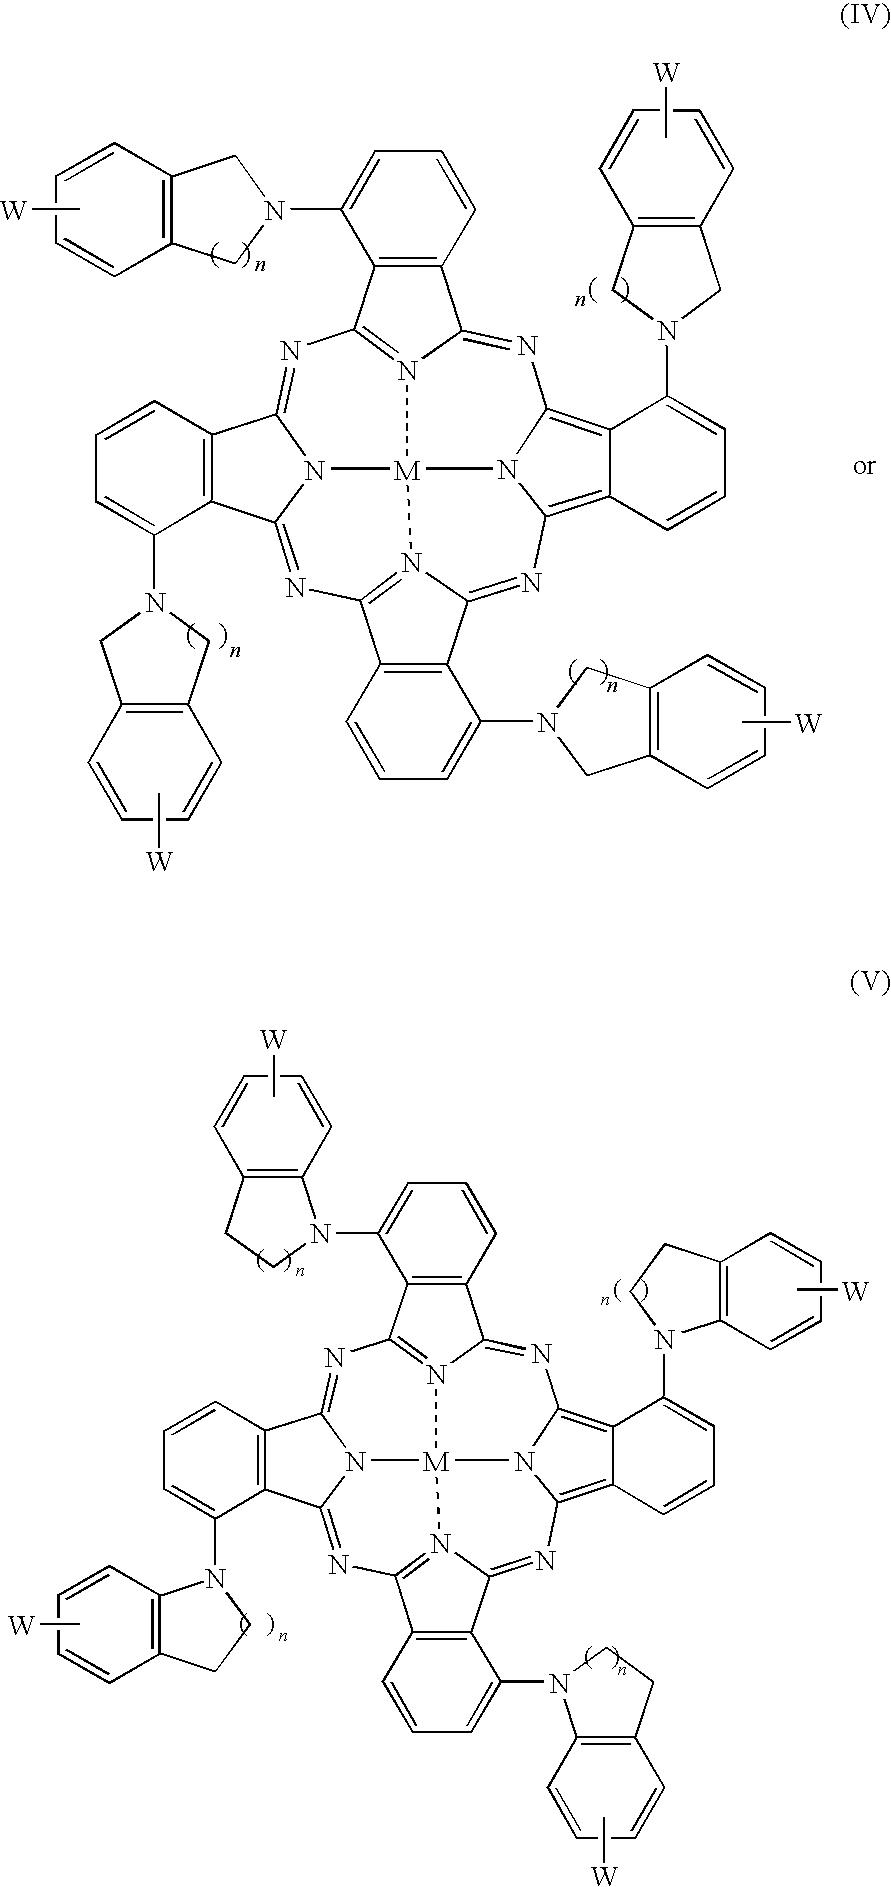 Figure US07572327-20090811-C00022